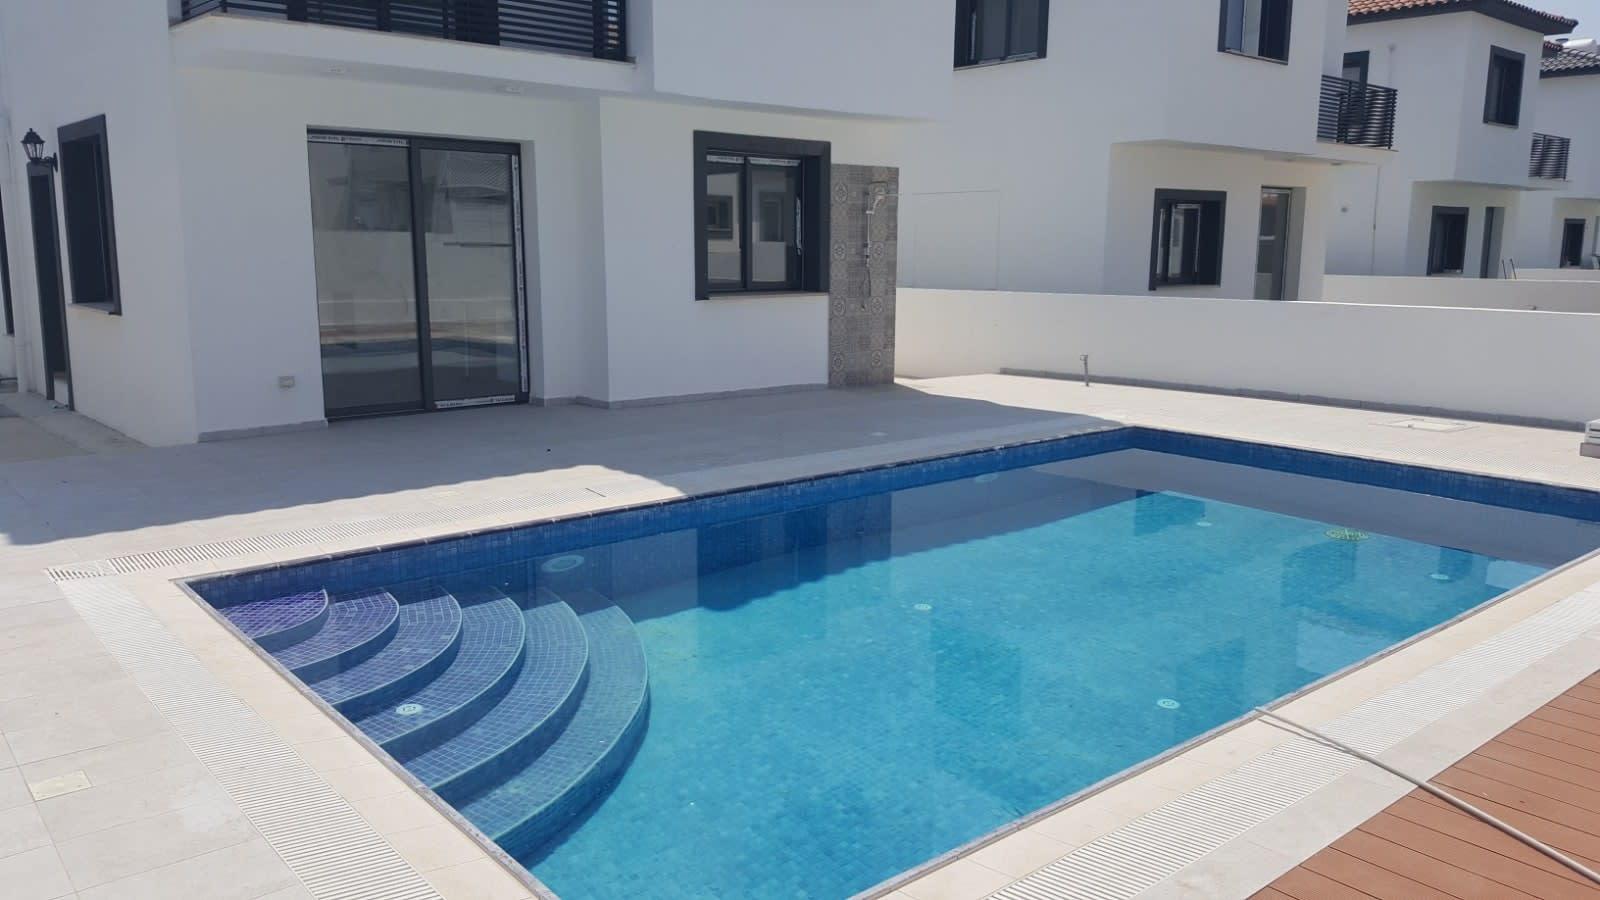 Yenikent'te 4 Yatak Odalı Satılık Havuzlu ve Türk Malı Villa 5265